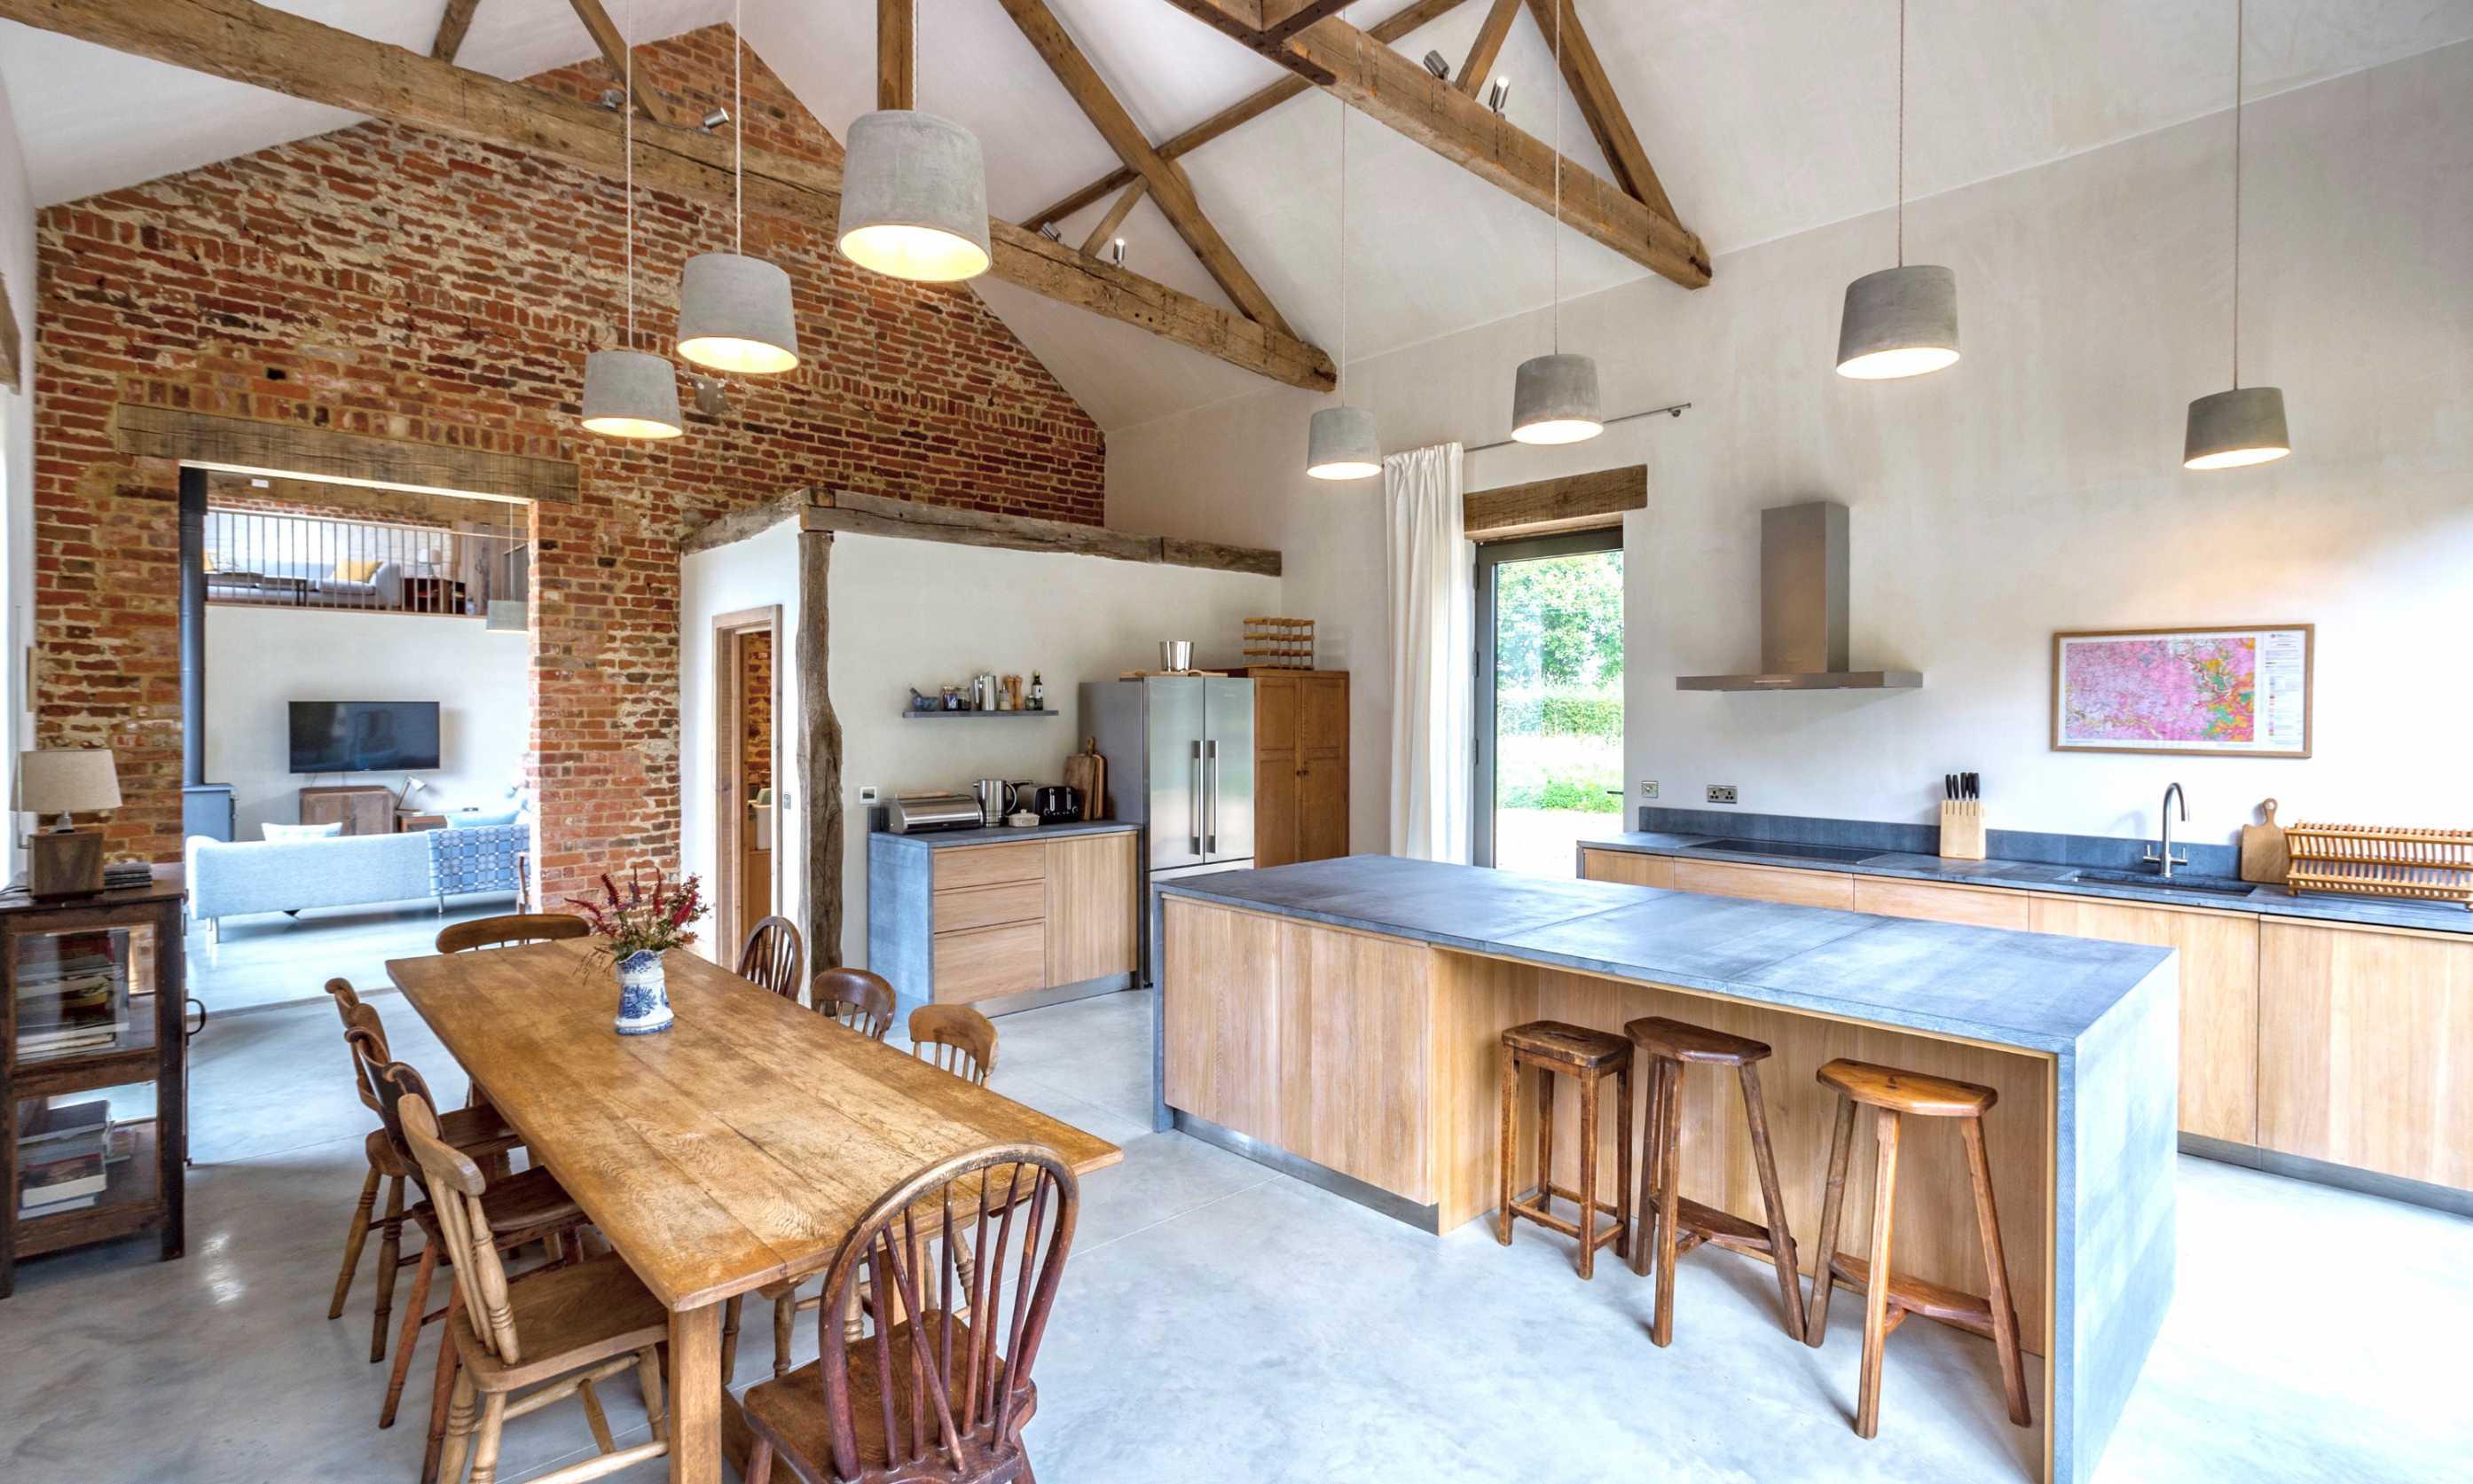 Luxury Norfolk Holiday Barn - Old Hall Farm Barn